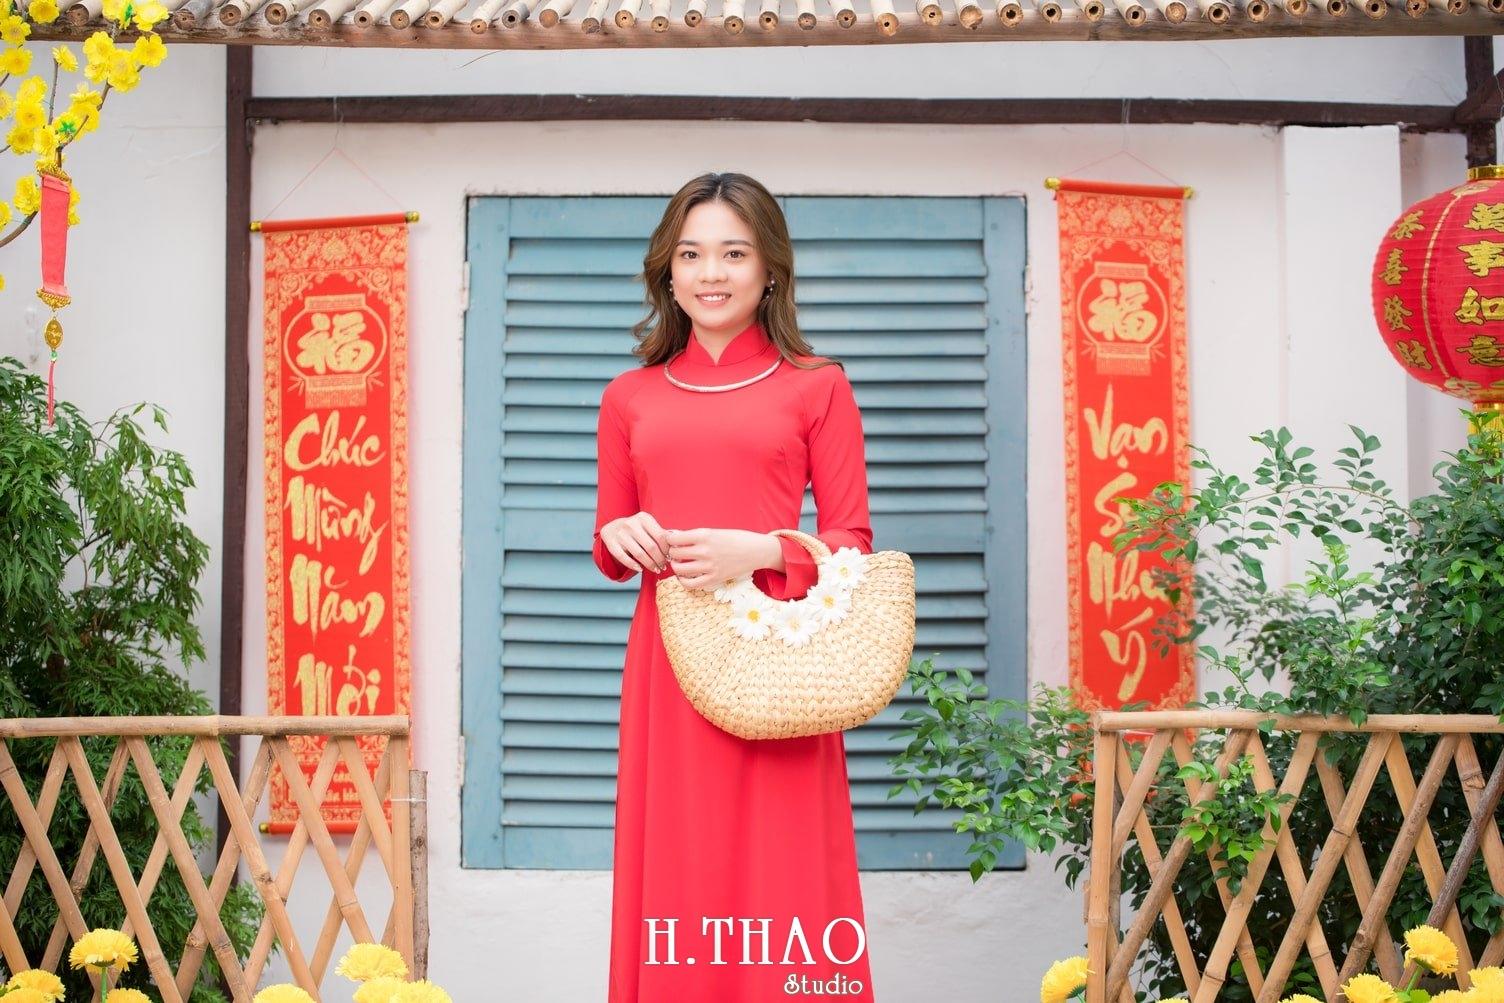 Ao dai tet do 10 - Top 40 ảnh áo dài chụp với Hoa đào, hoa mai tết tuyệt đẹp- HThao Studio